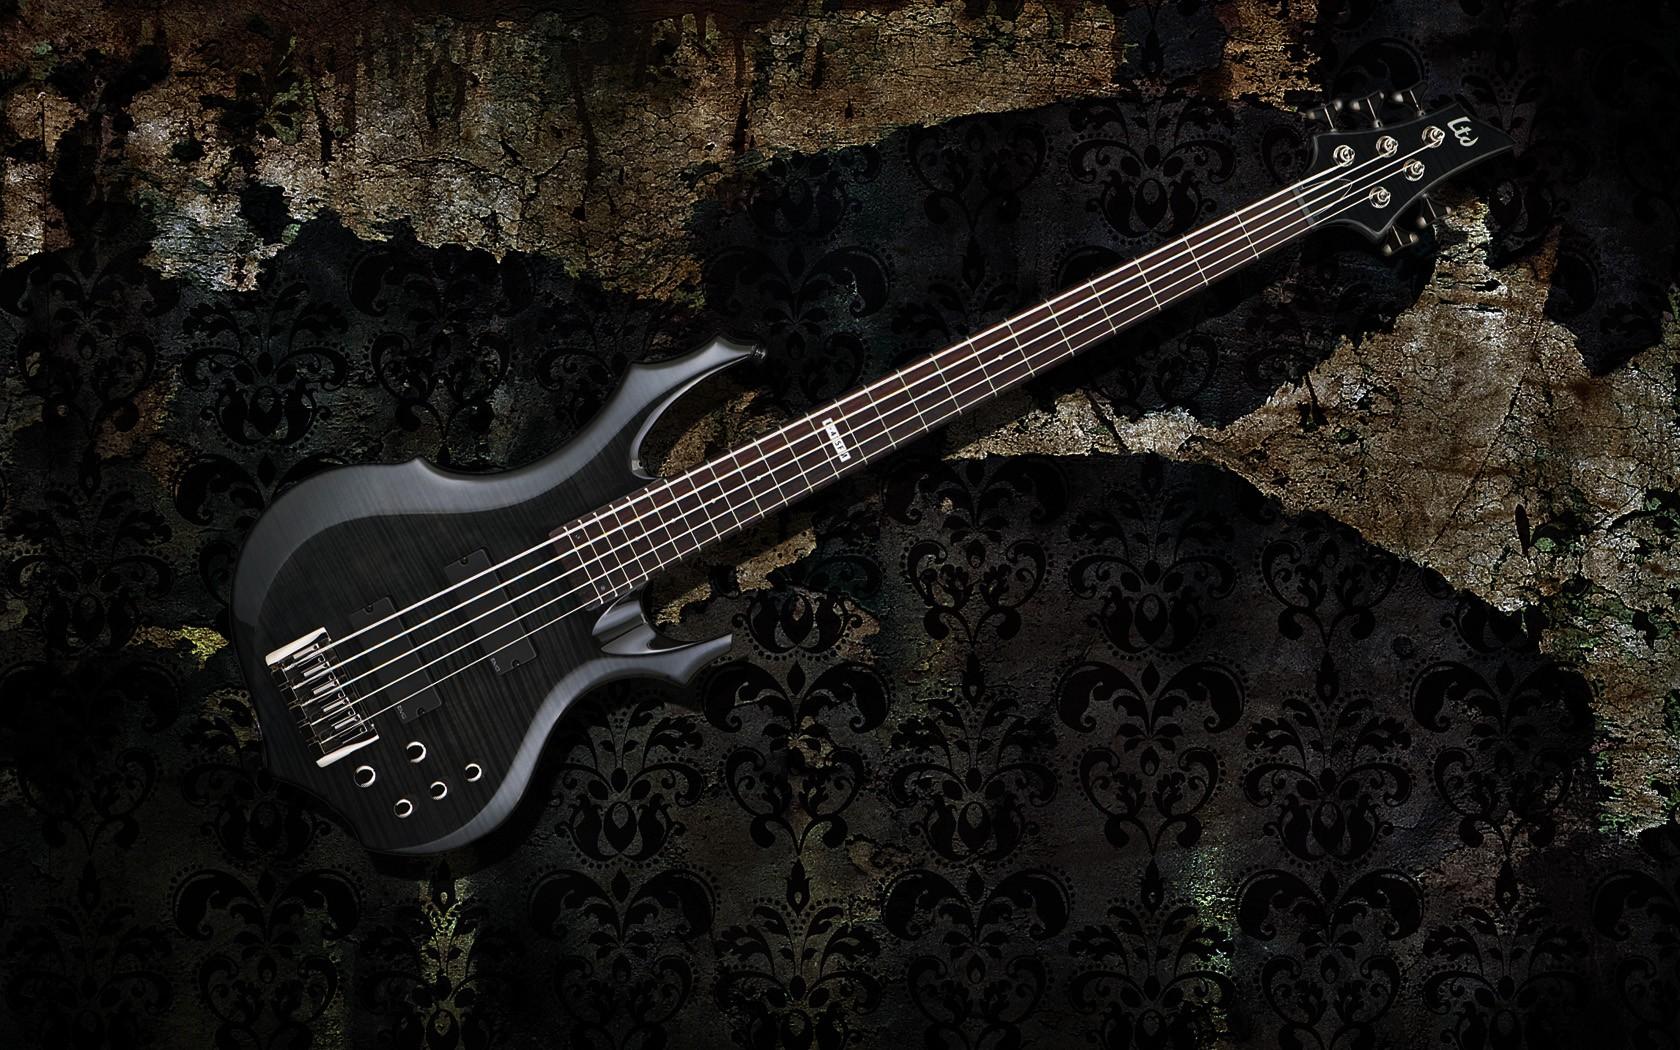 LTD bass wallpaper Music Wallpaper Pinterest Bass Guitars 1680x1050